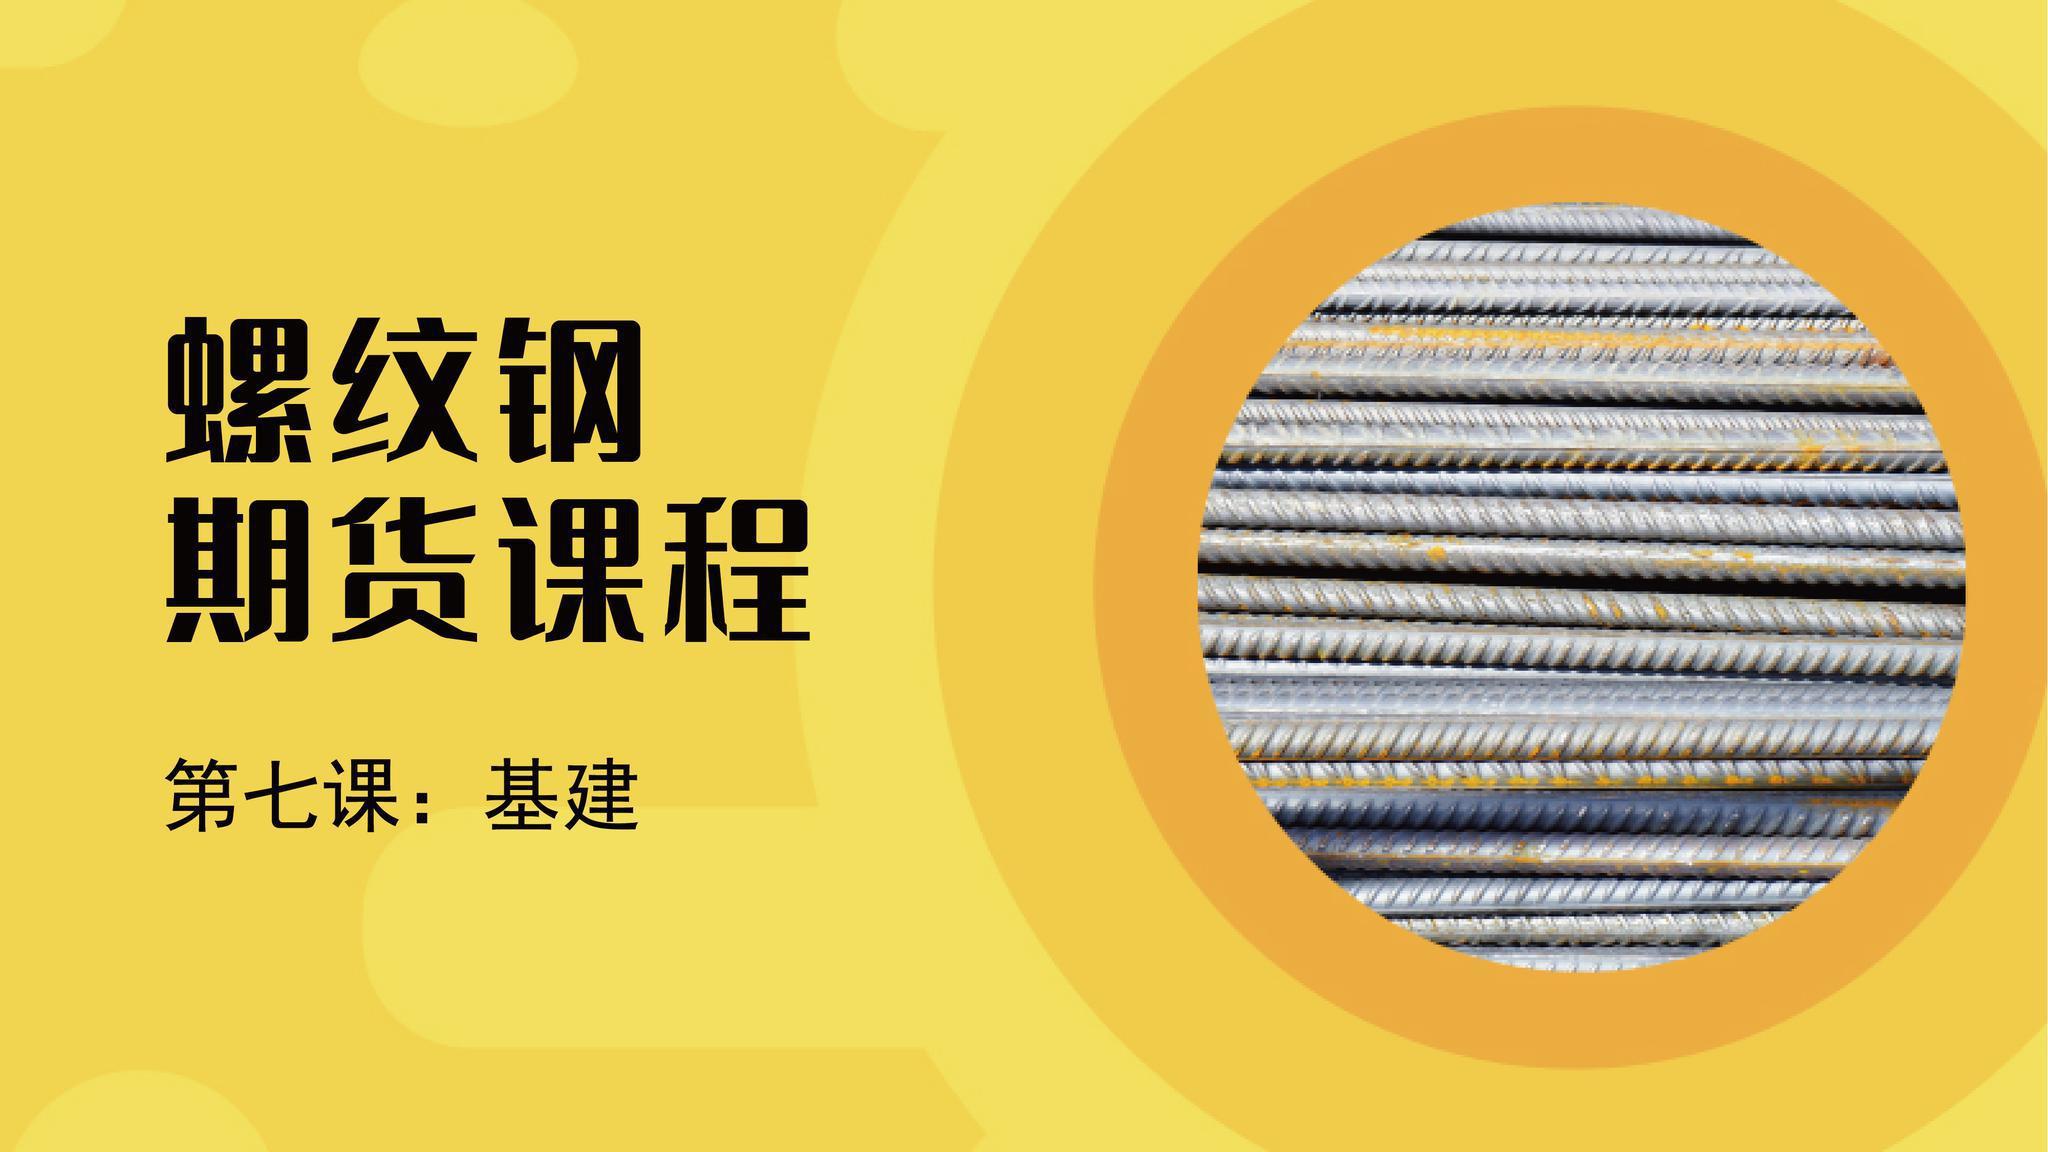 期货课程丨螺纹钢的主要消费市场基建,有哪些供需逻辑需要了解?